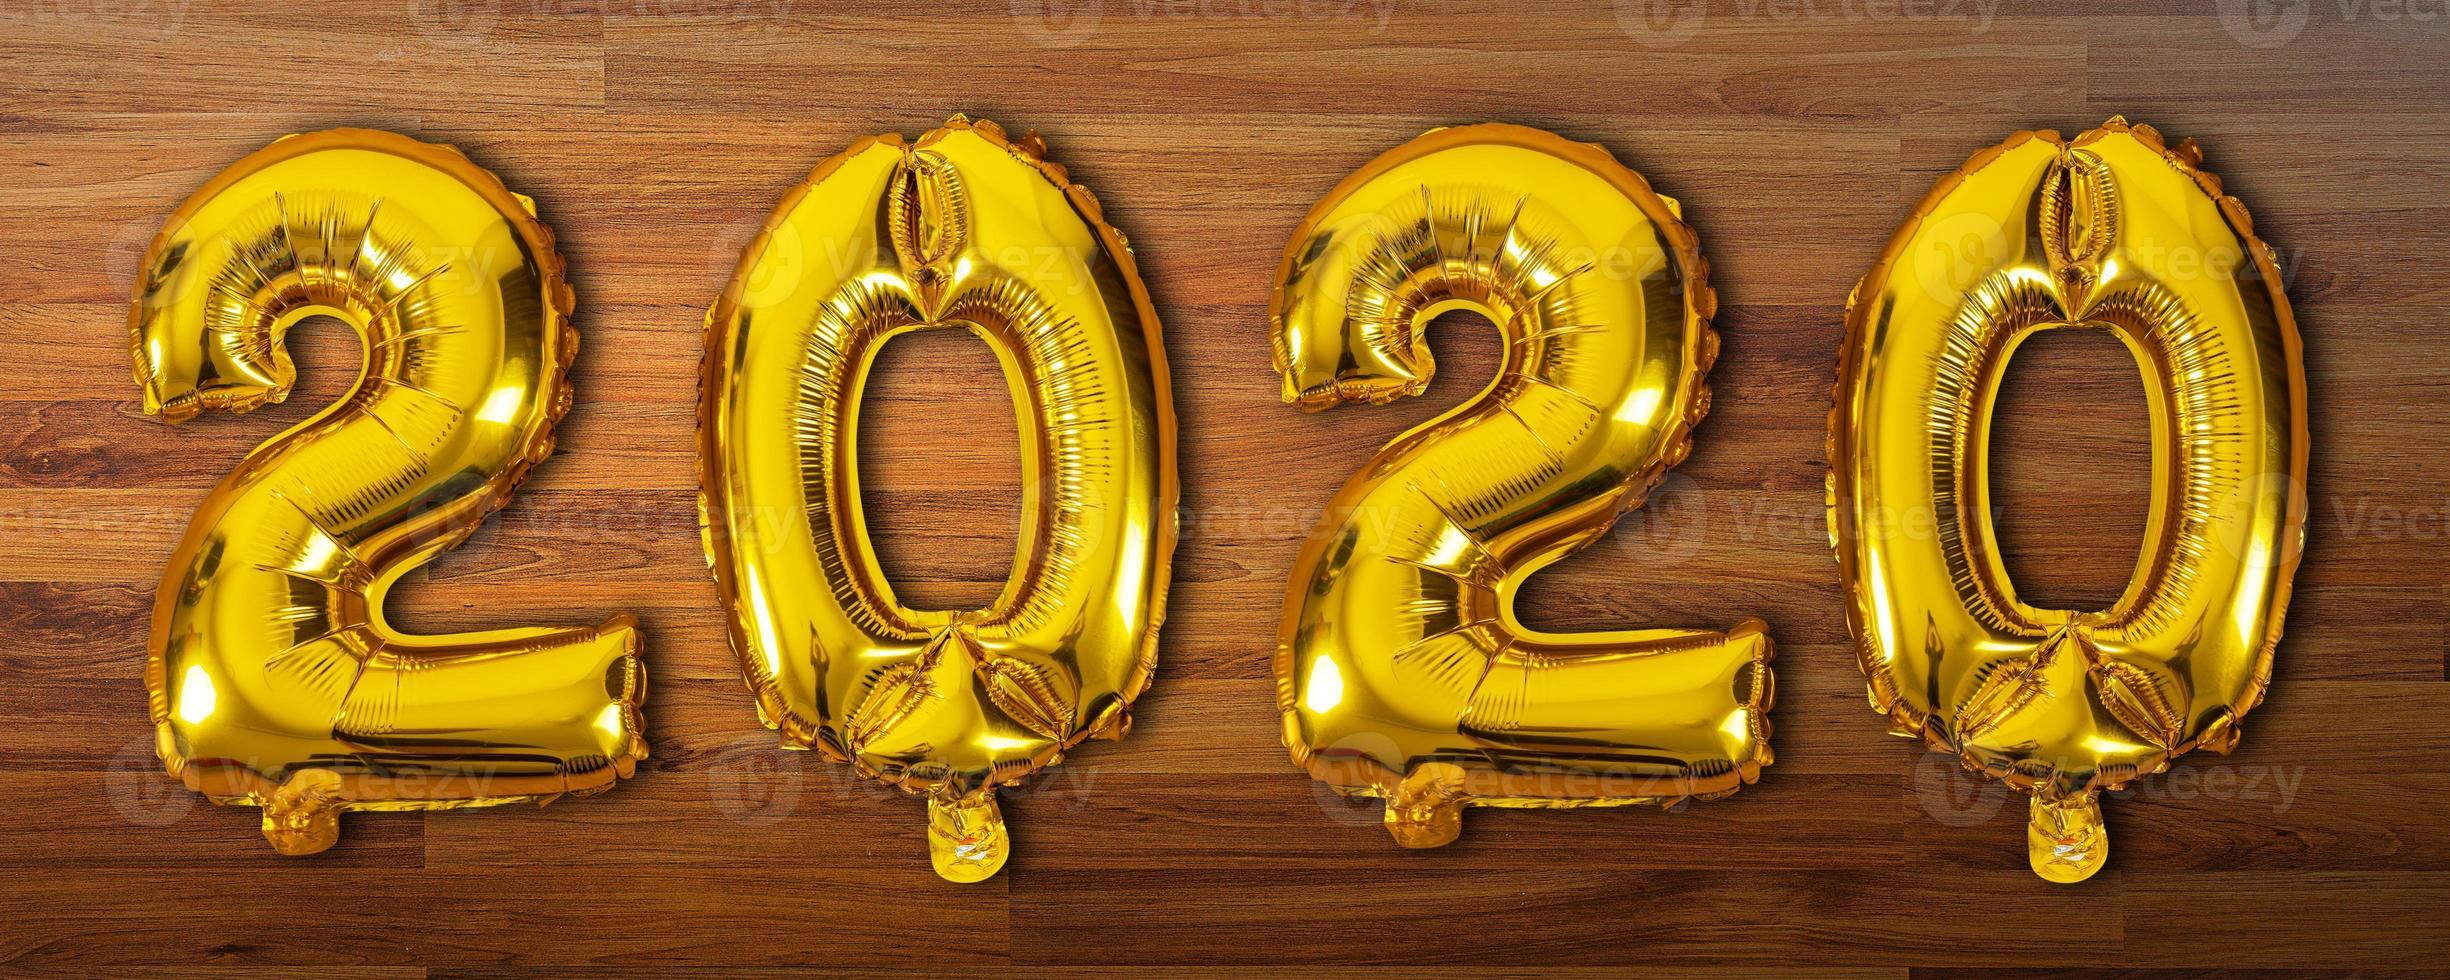 2020 balões numéricos em fundo de madeira foto